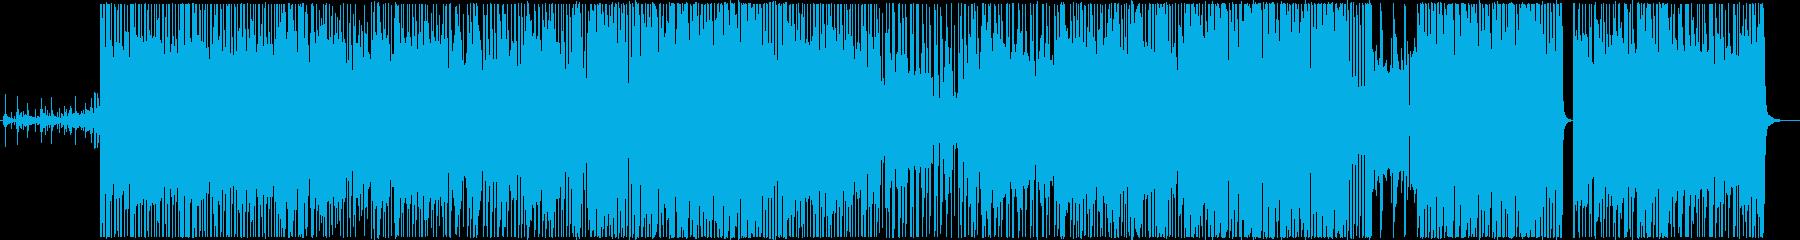 ハイスピード無鉄砲の再生済みの波形